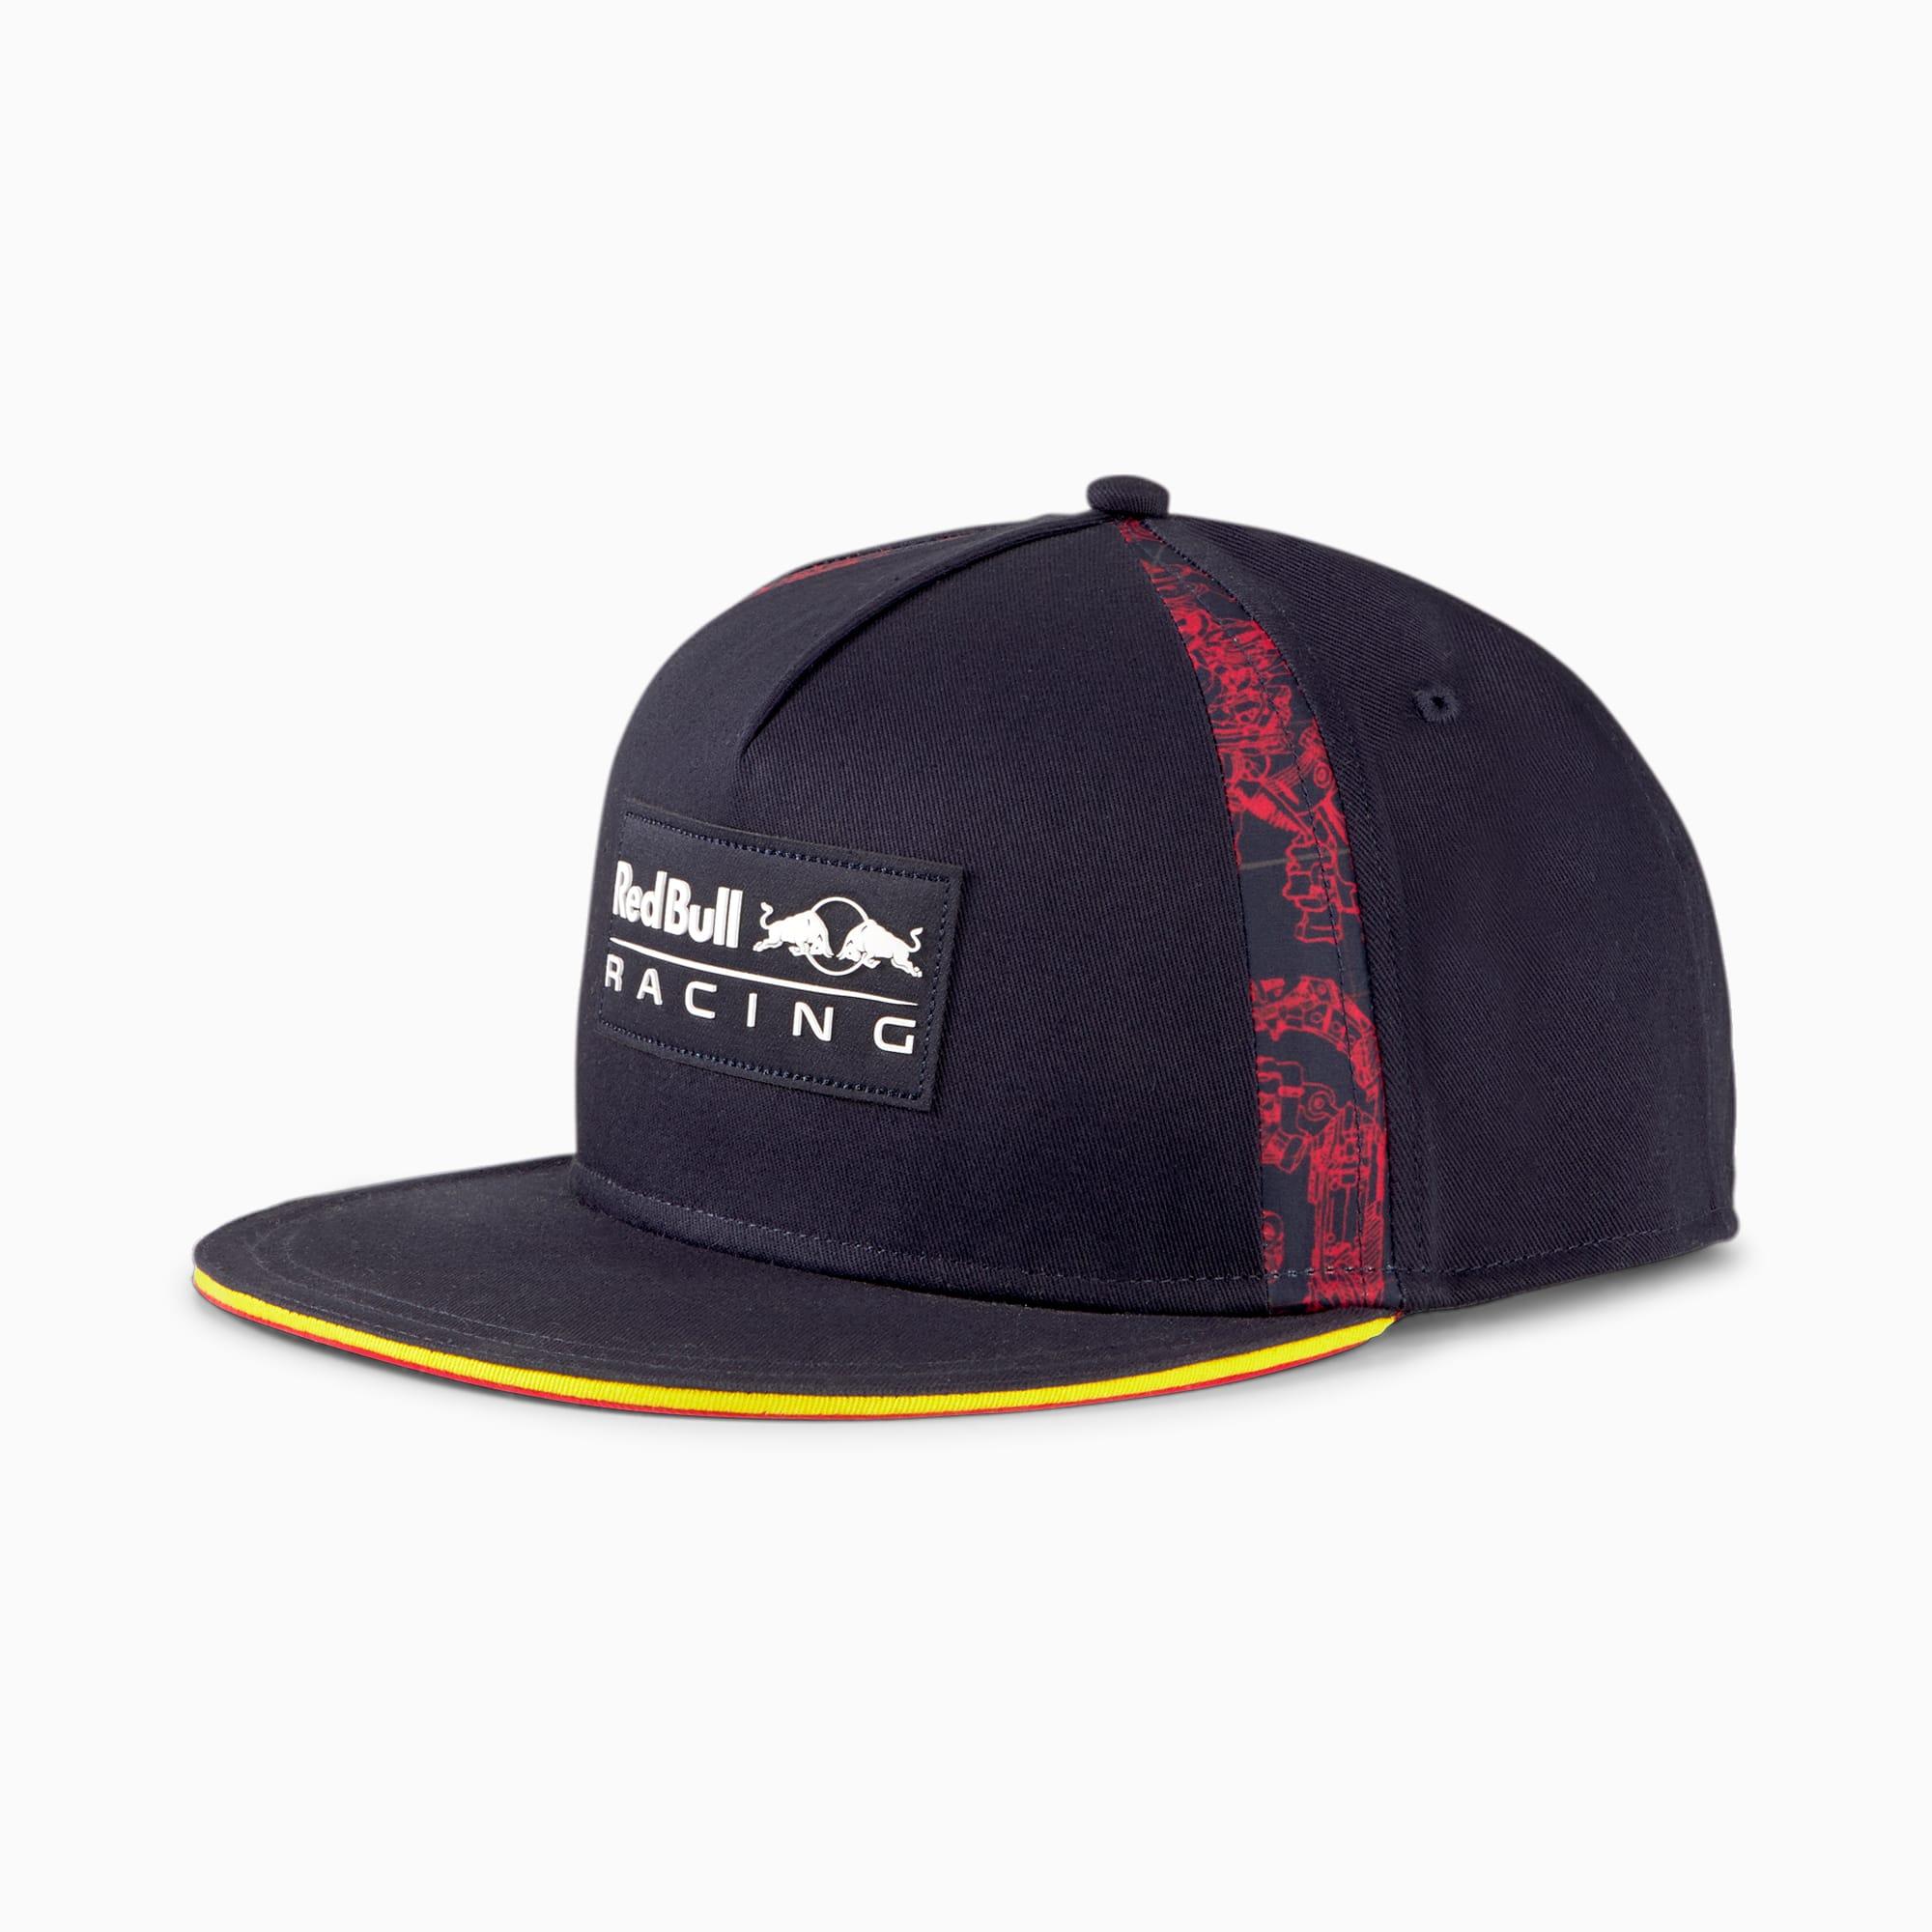 PUMA Casquette à bord plat Red Bull Racing Lifestyle, Noir, Accessoires